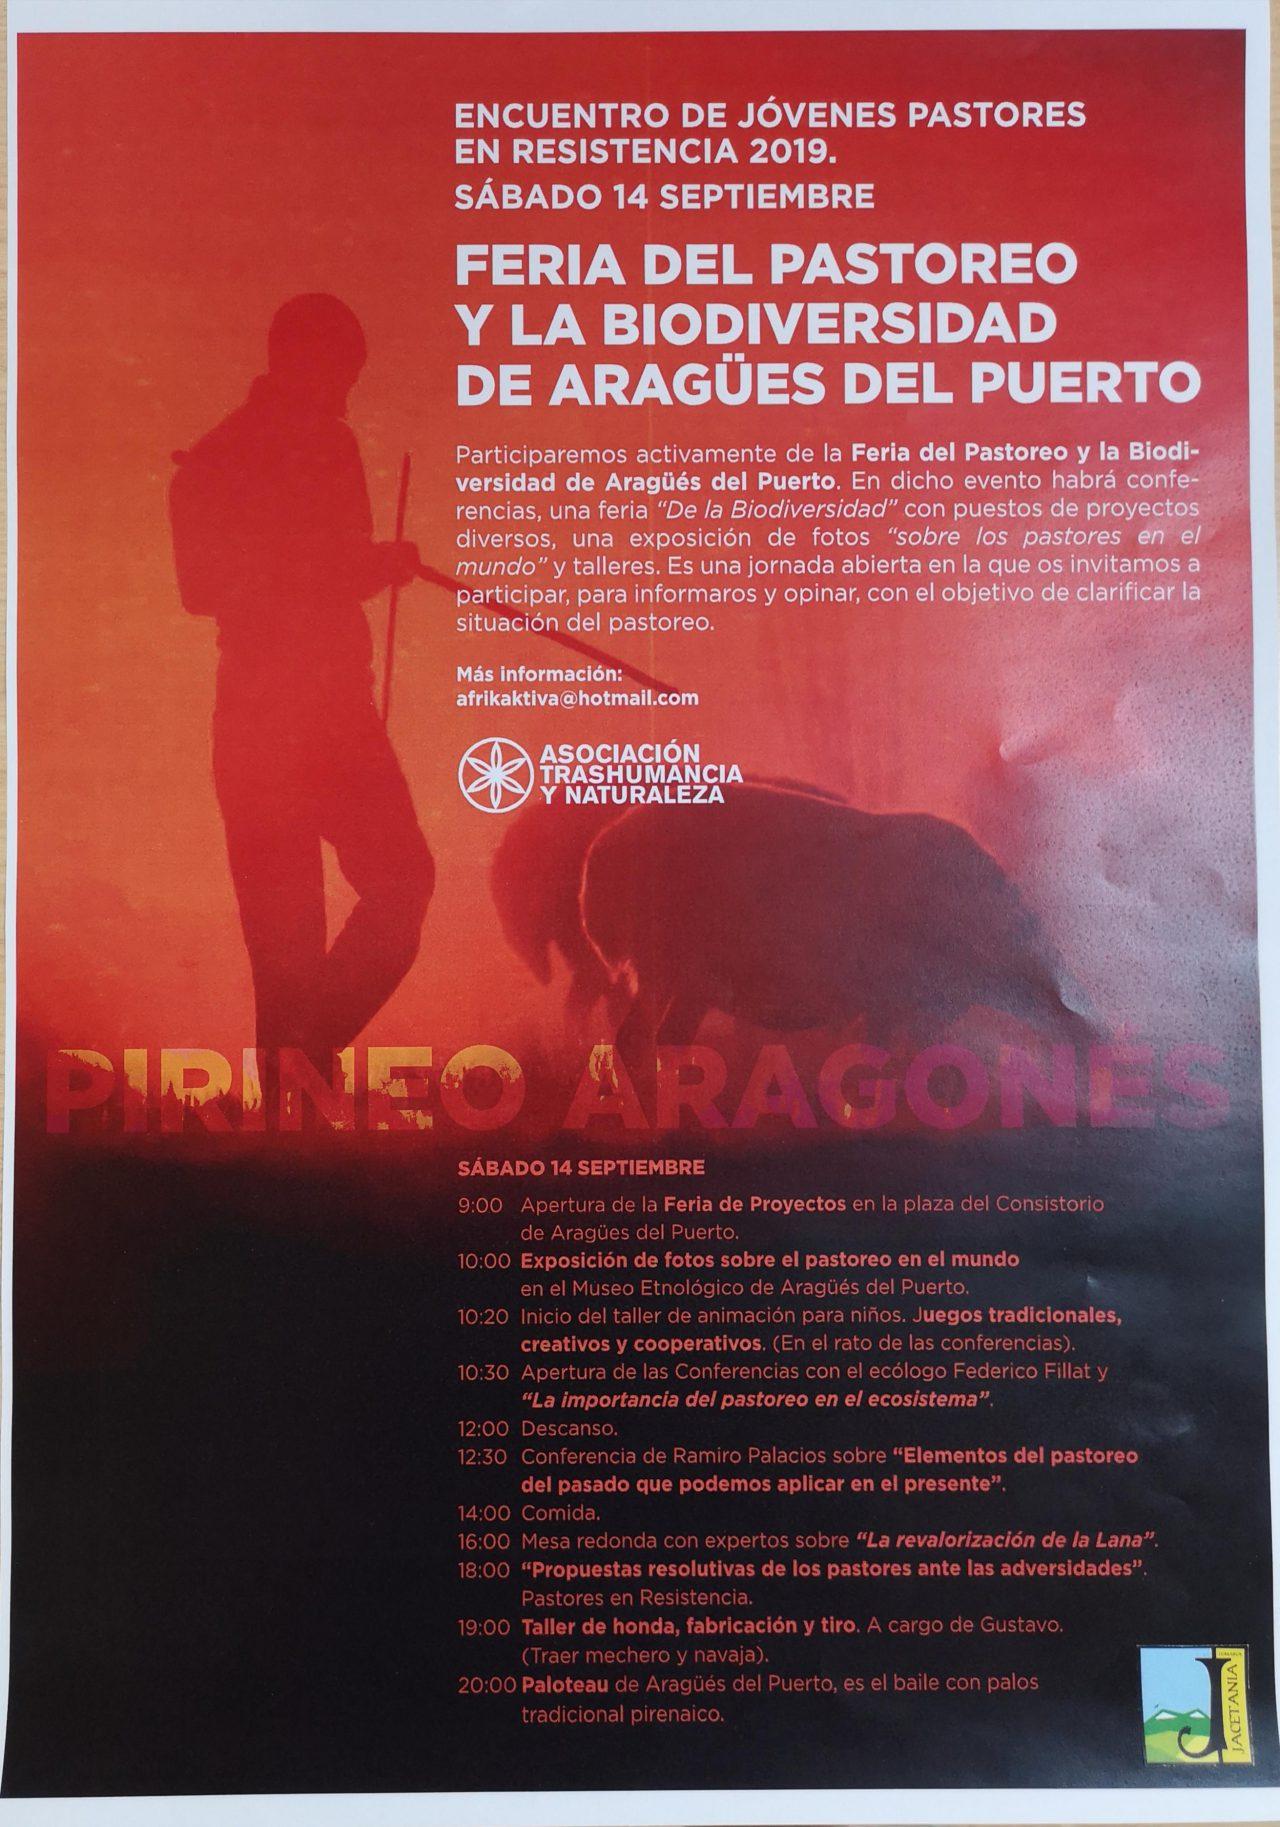 Feria del Pastoreo y la Biodiversidad